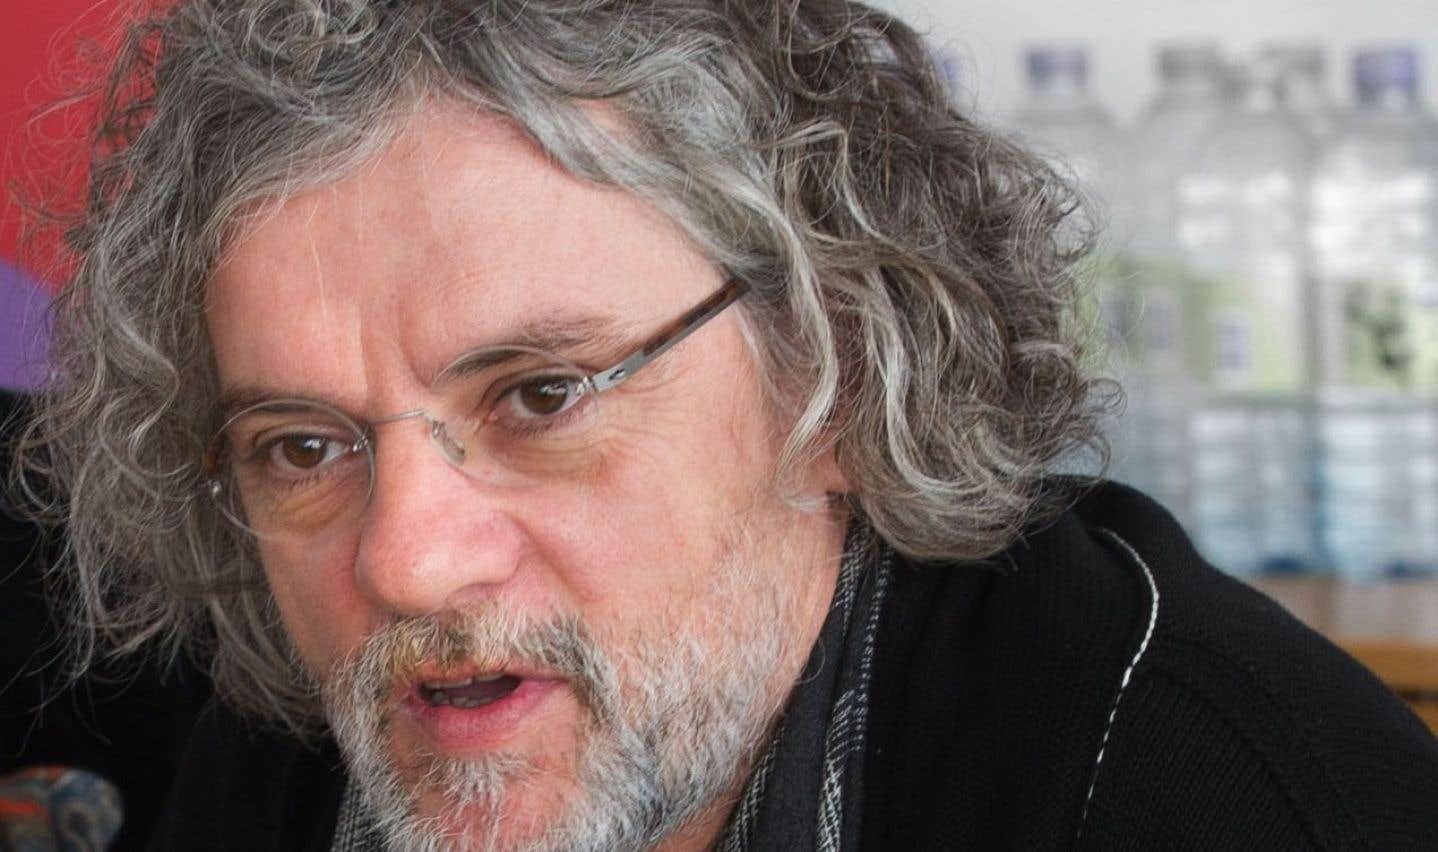 «Avant l'arrivée des Européens, il s'est produit beaucoup de choses, ici. Il y avait déjà beaucoup de monde», souligne le cinéaste François Girard.